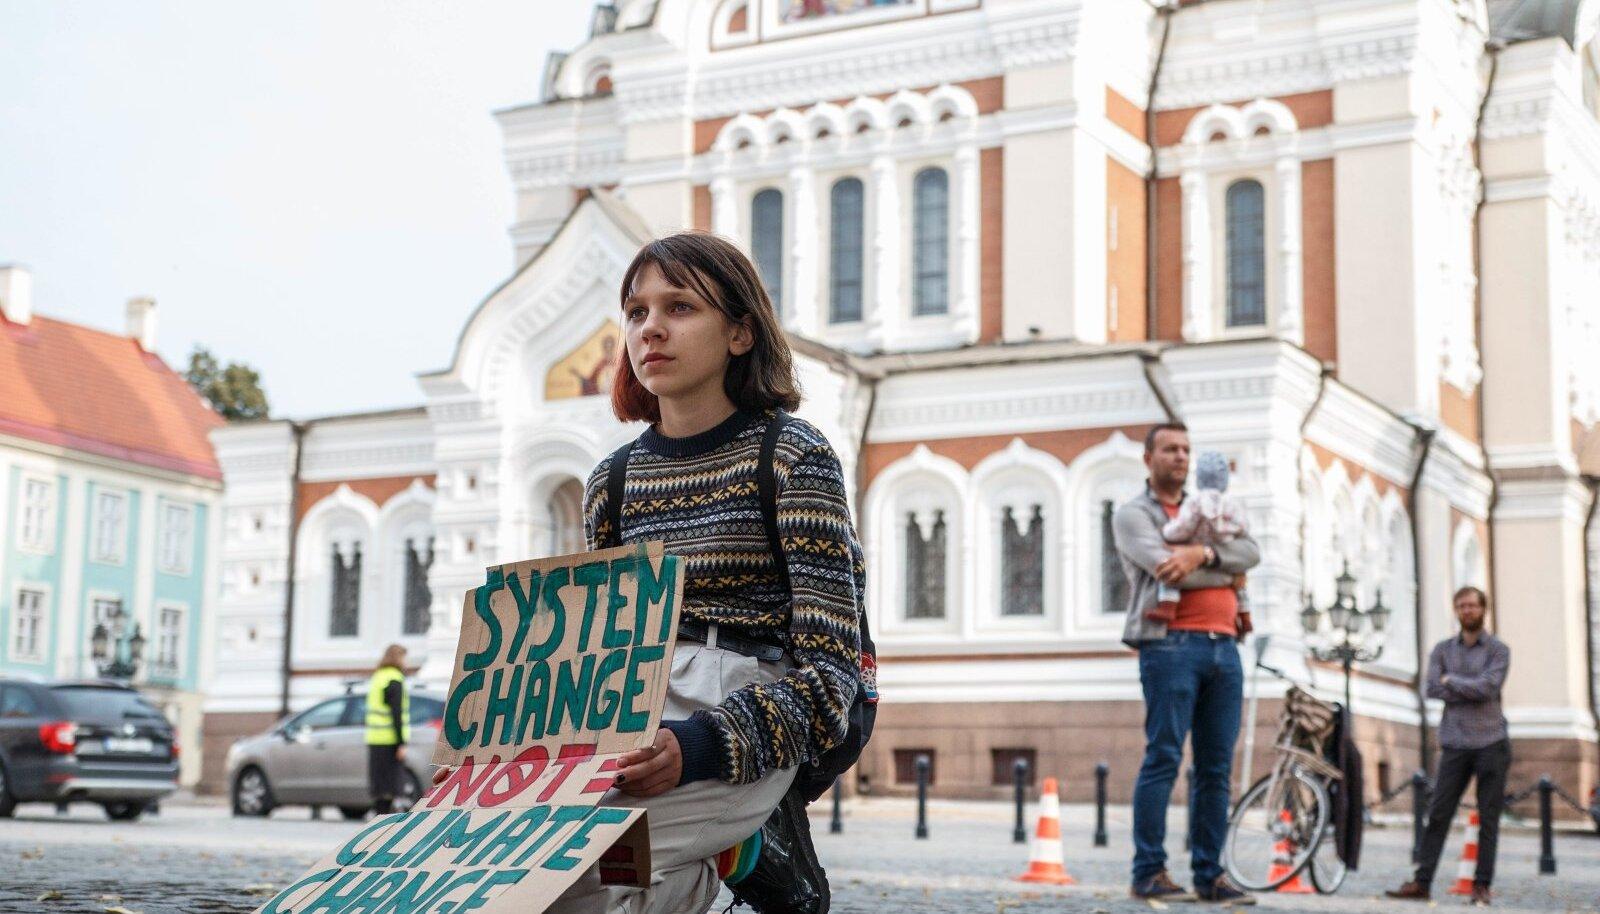 Noored üle maailma on varsti pea kolm aastat kliima nimel streikinud. Kaua nad jaksavad?